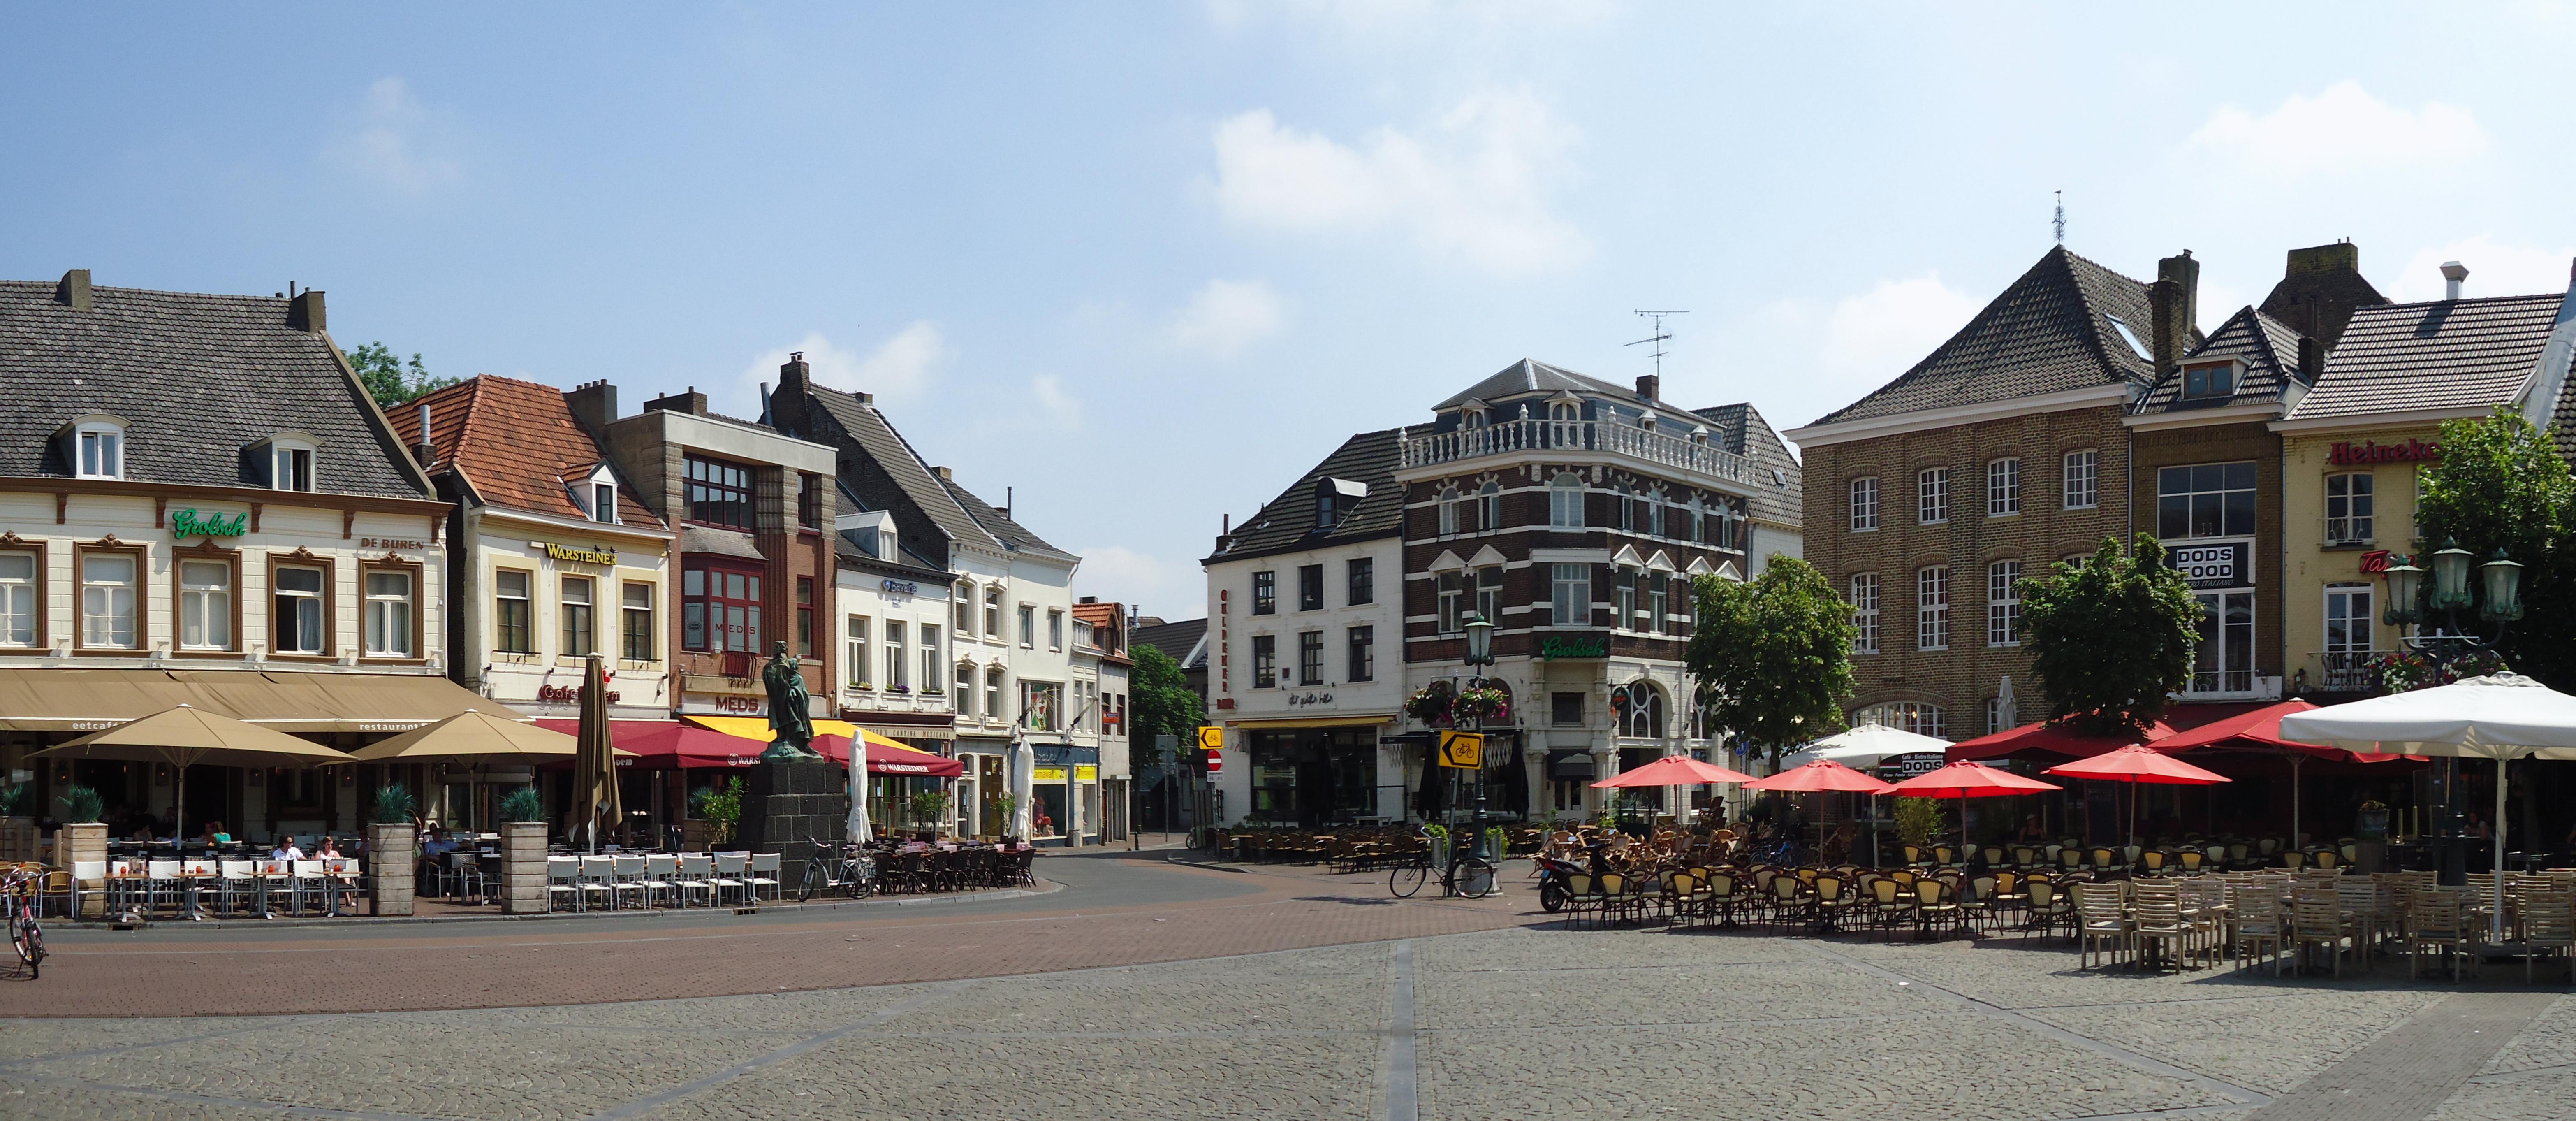 Ruim  u20ac 10 miljoen van Provincie voor historische binnenstad Sittard   De Erfgoedstem